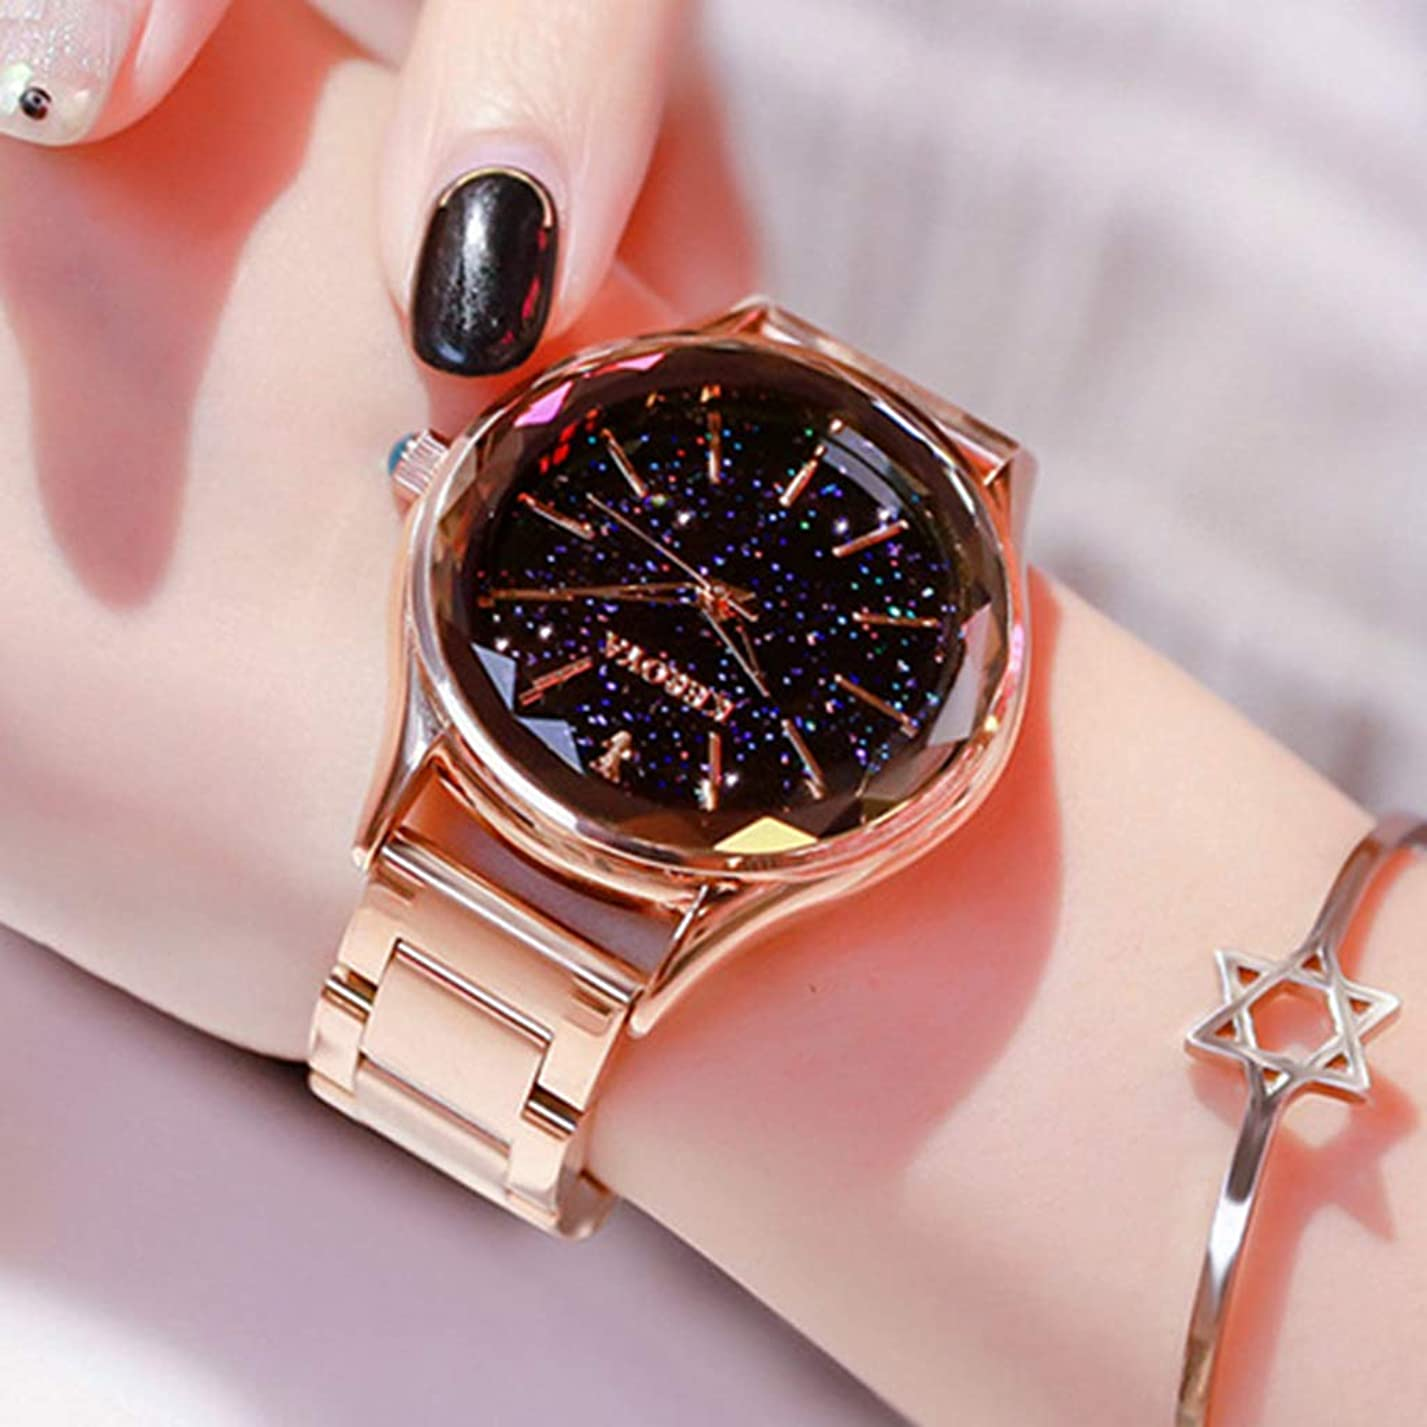 憂鬱パントリーシマウマ女性の腕時計シンプルなスチールベルトの腕時計女性の学生の腕時計クォーツレディースターの腕時計ダイヤモンドの腕時計カッタブルスカイスターの腕時計防水ガール腕時計,Gold